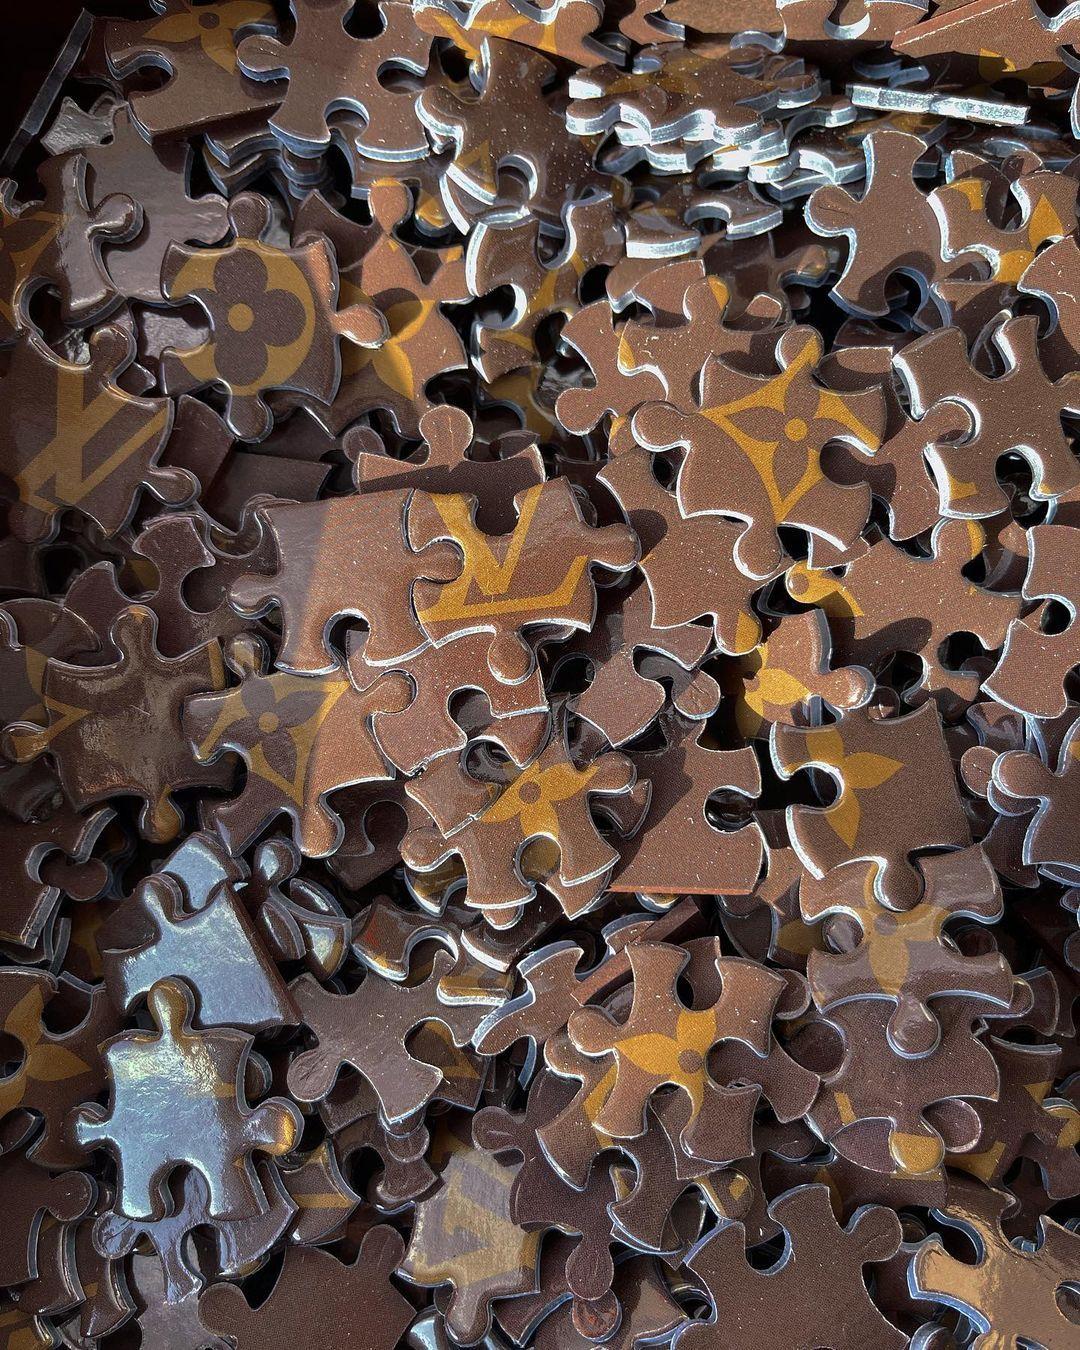 puzzle louis vuitton - neomag.